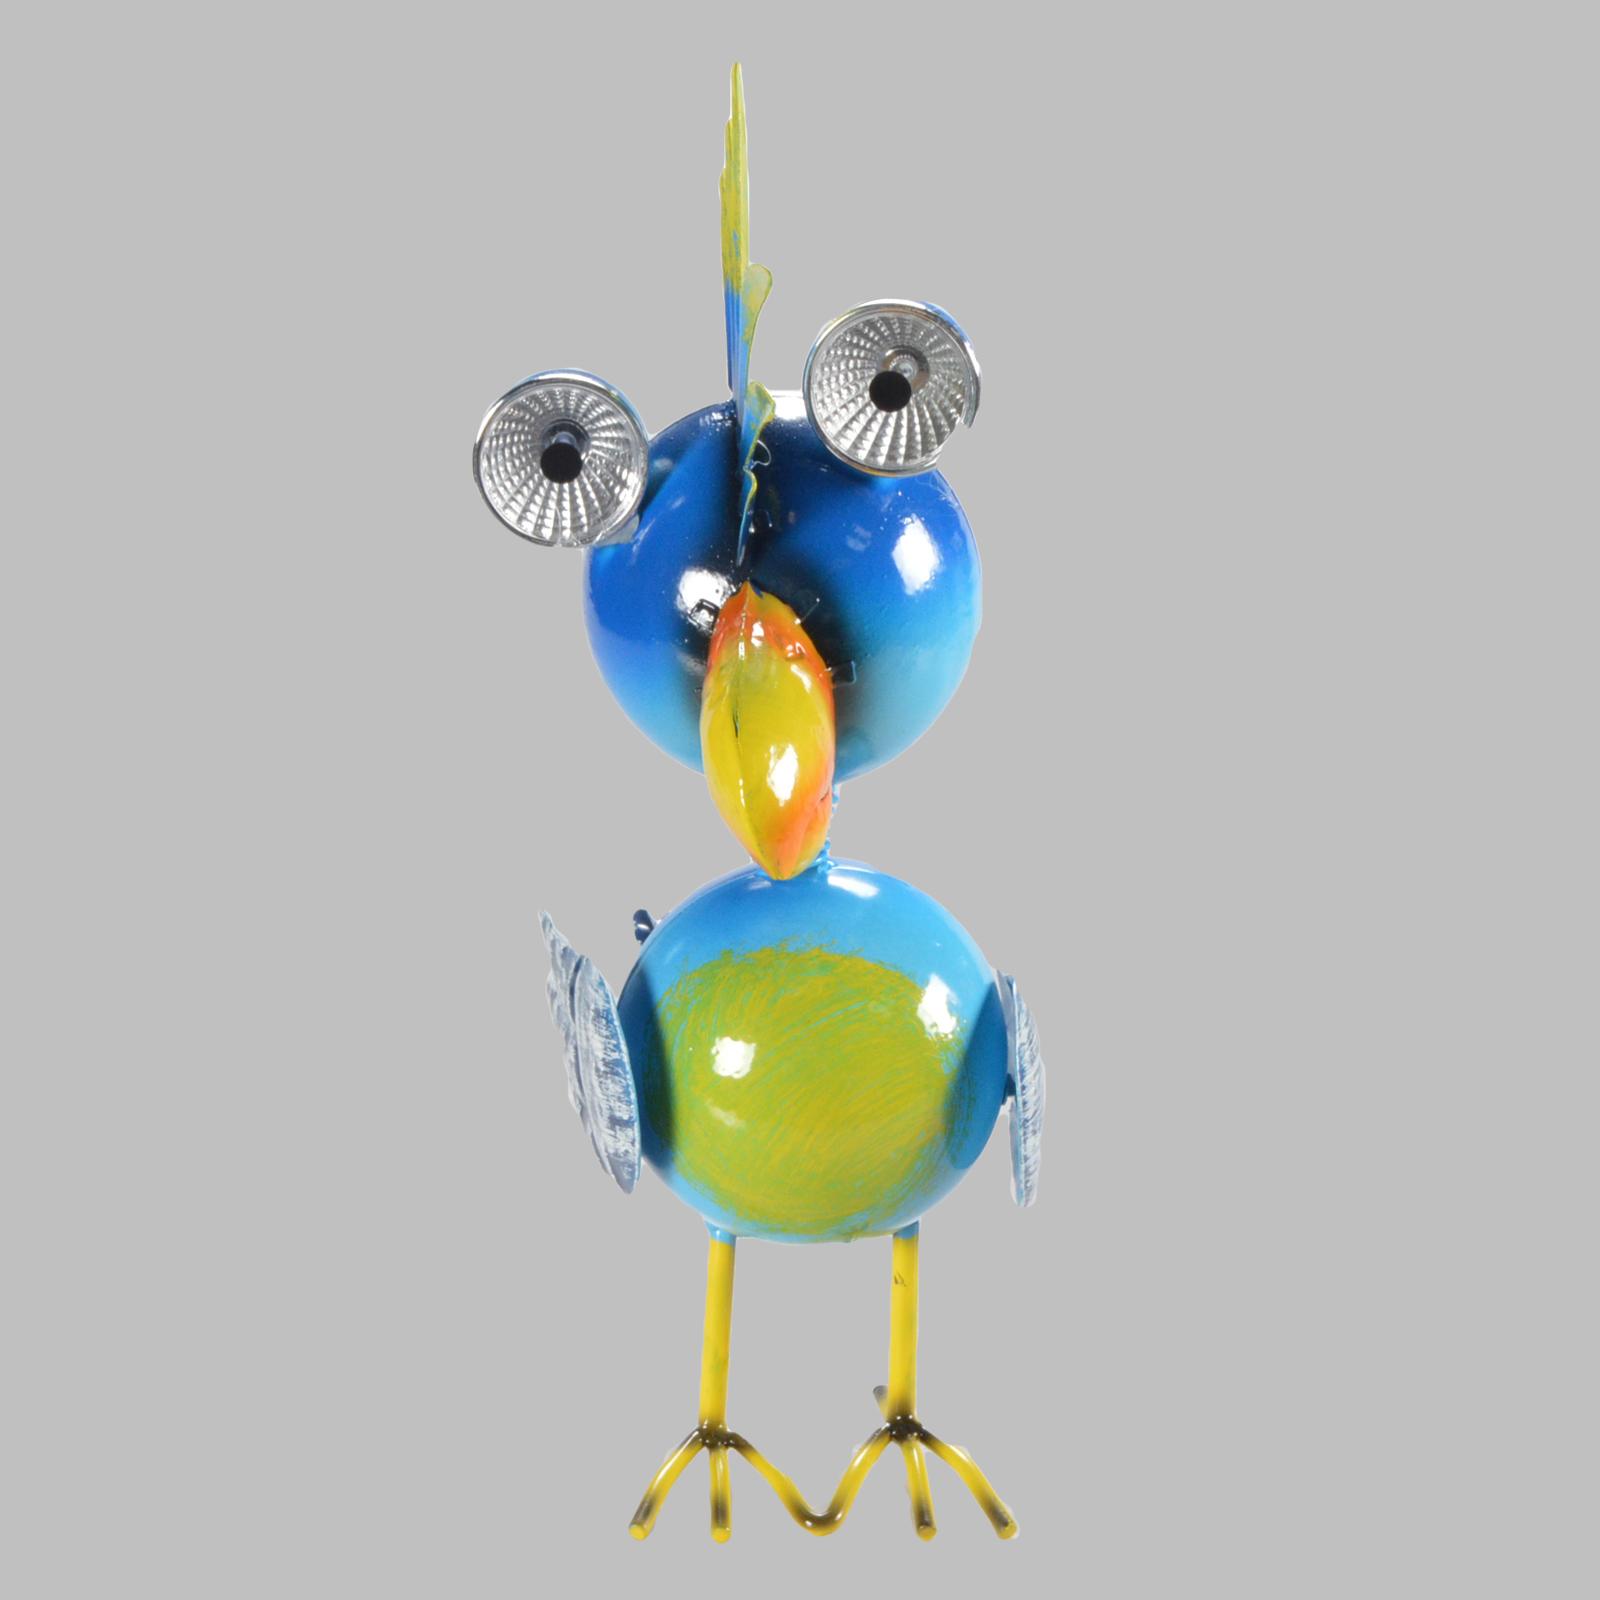 23 cm tierlampe lampe oiseau solaire d corative m tal - Lampe solaire decorative exterieure ...